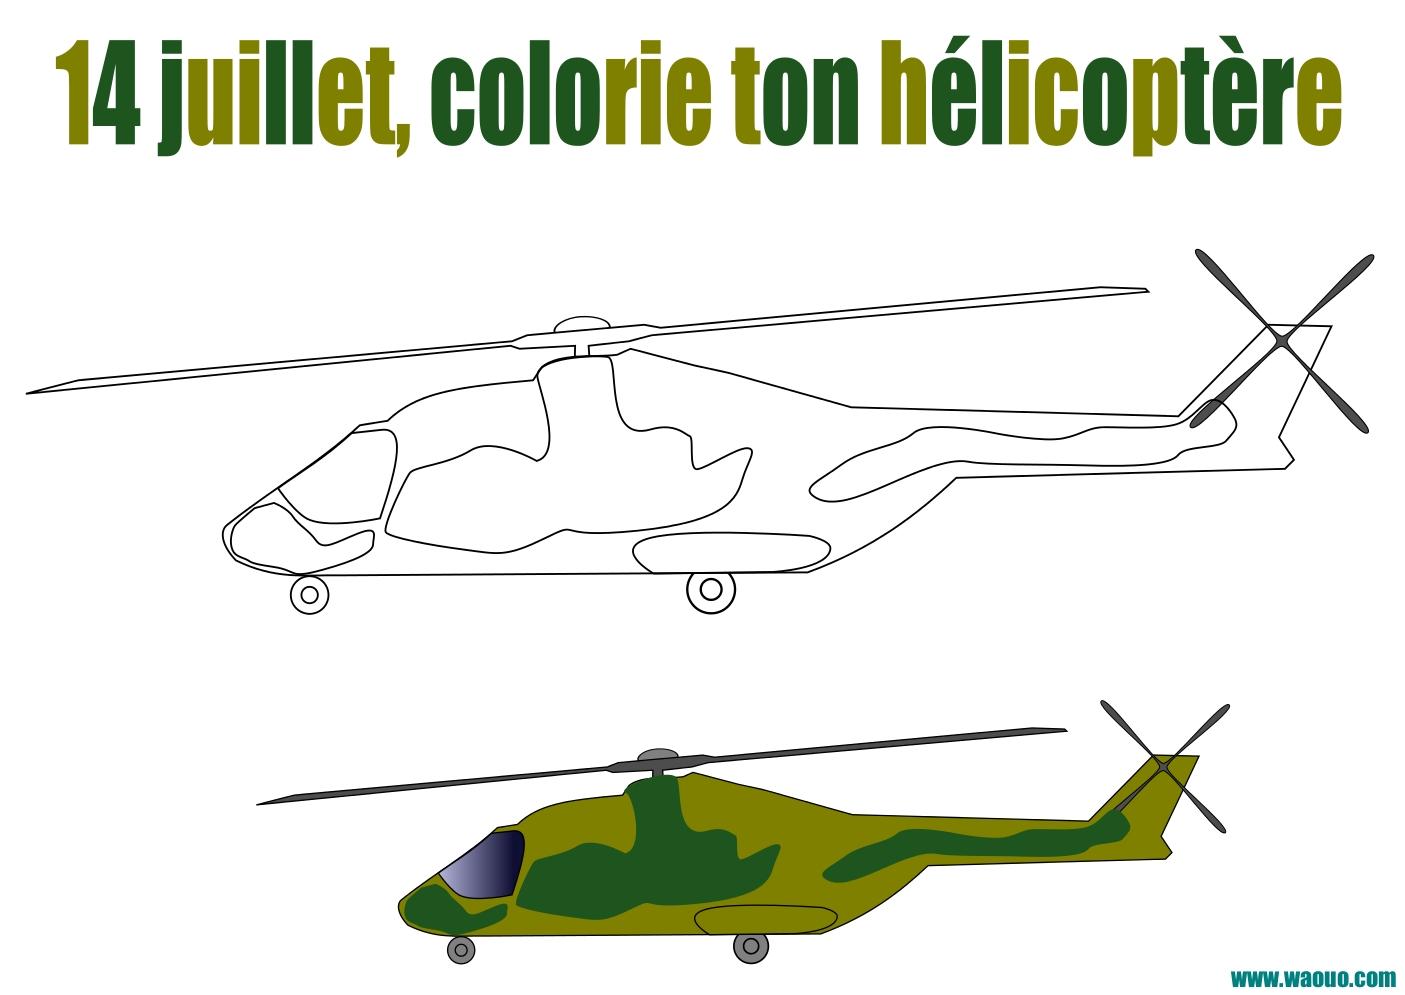 Coloriage Hélicoptère Pour Le 14 Juillet à Imprimer Et Colorier